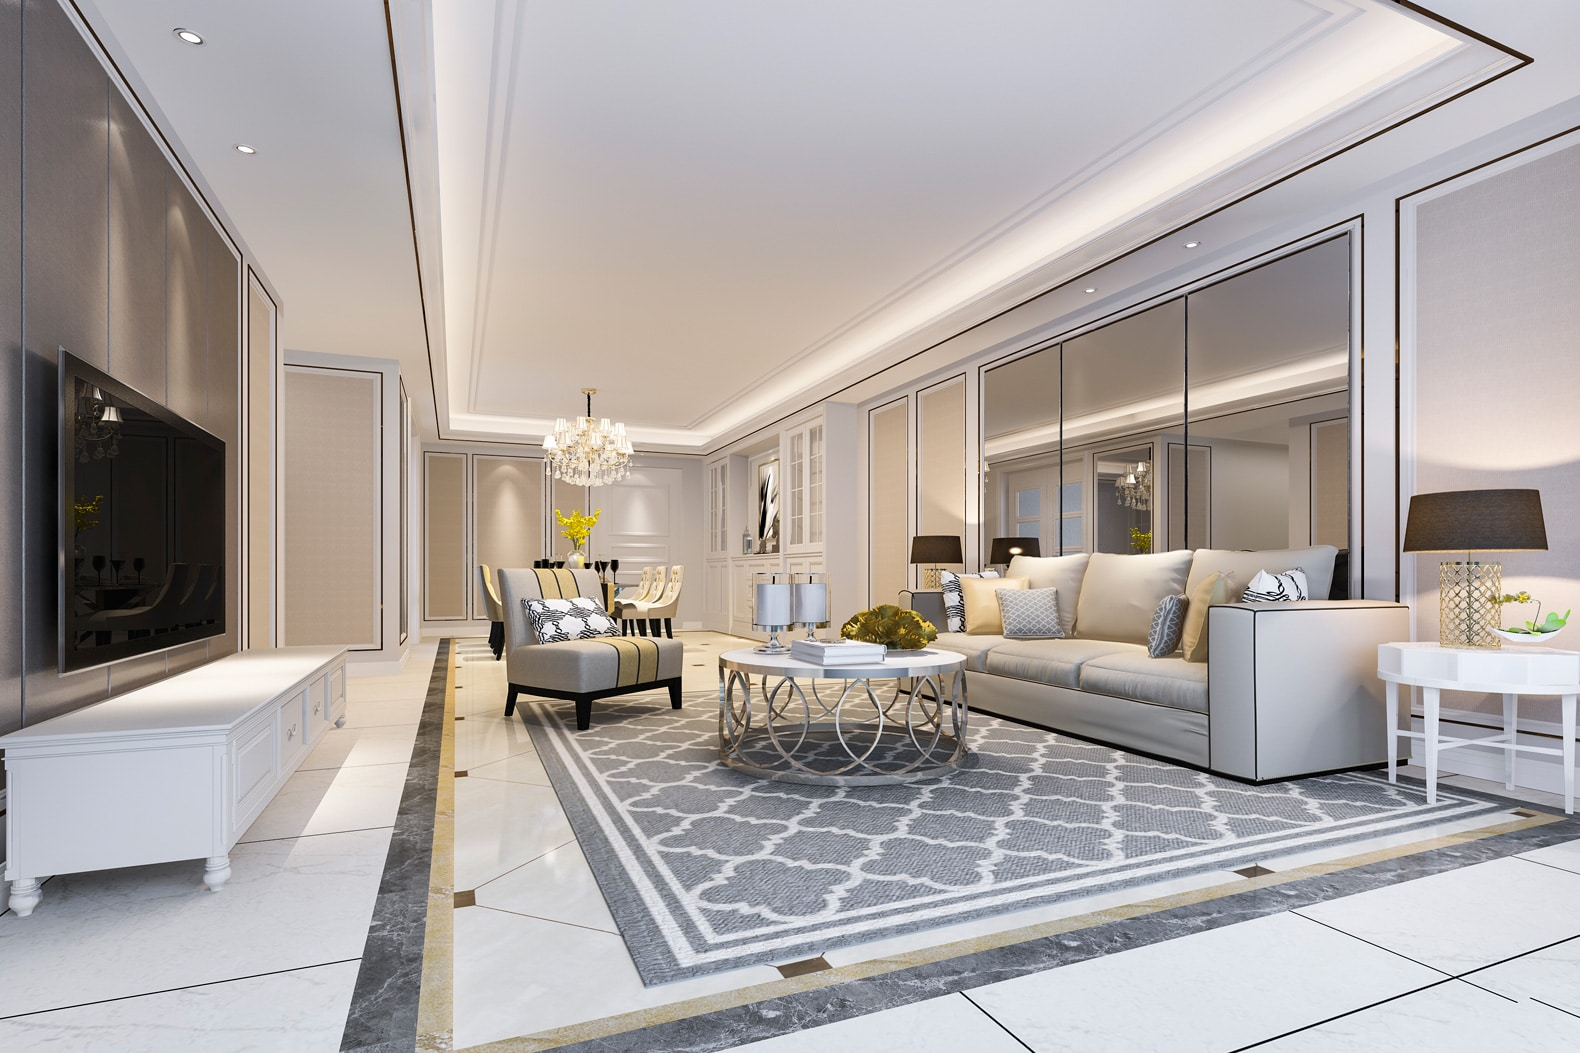 Duży salon w stylu glamour z lustrami